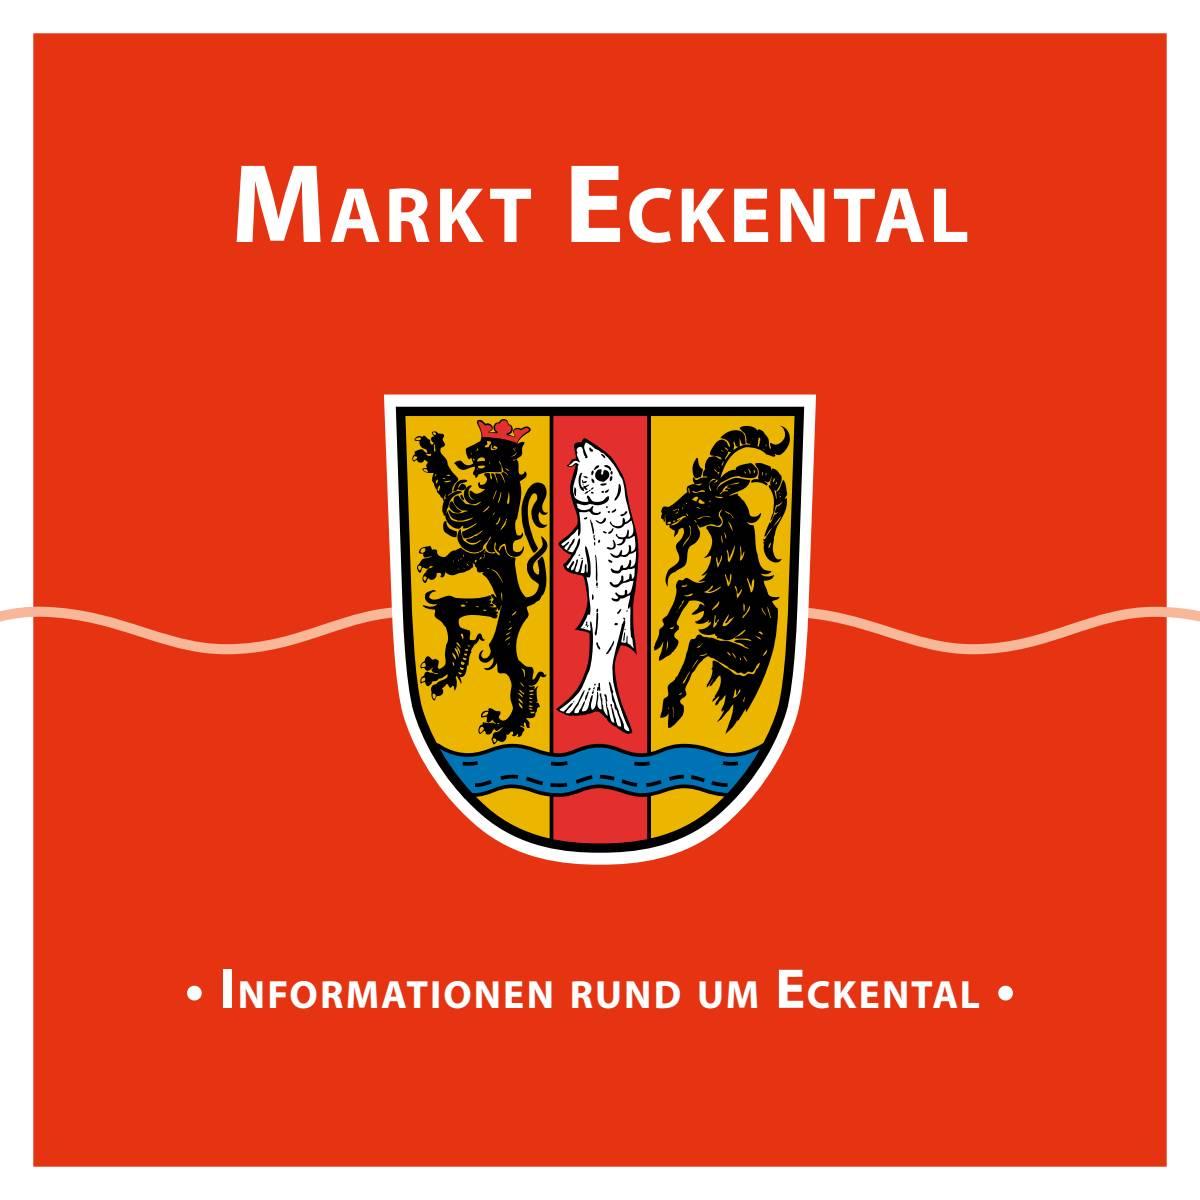 Image-Broschüre Markt Eckenal